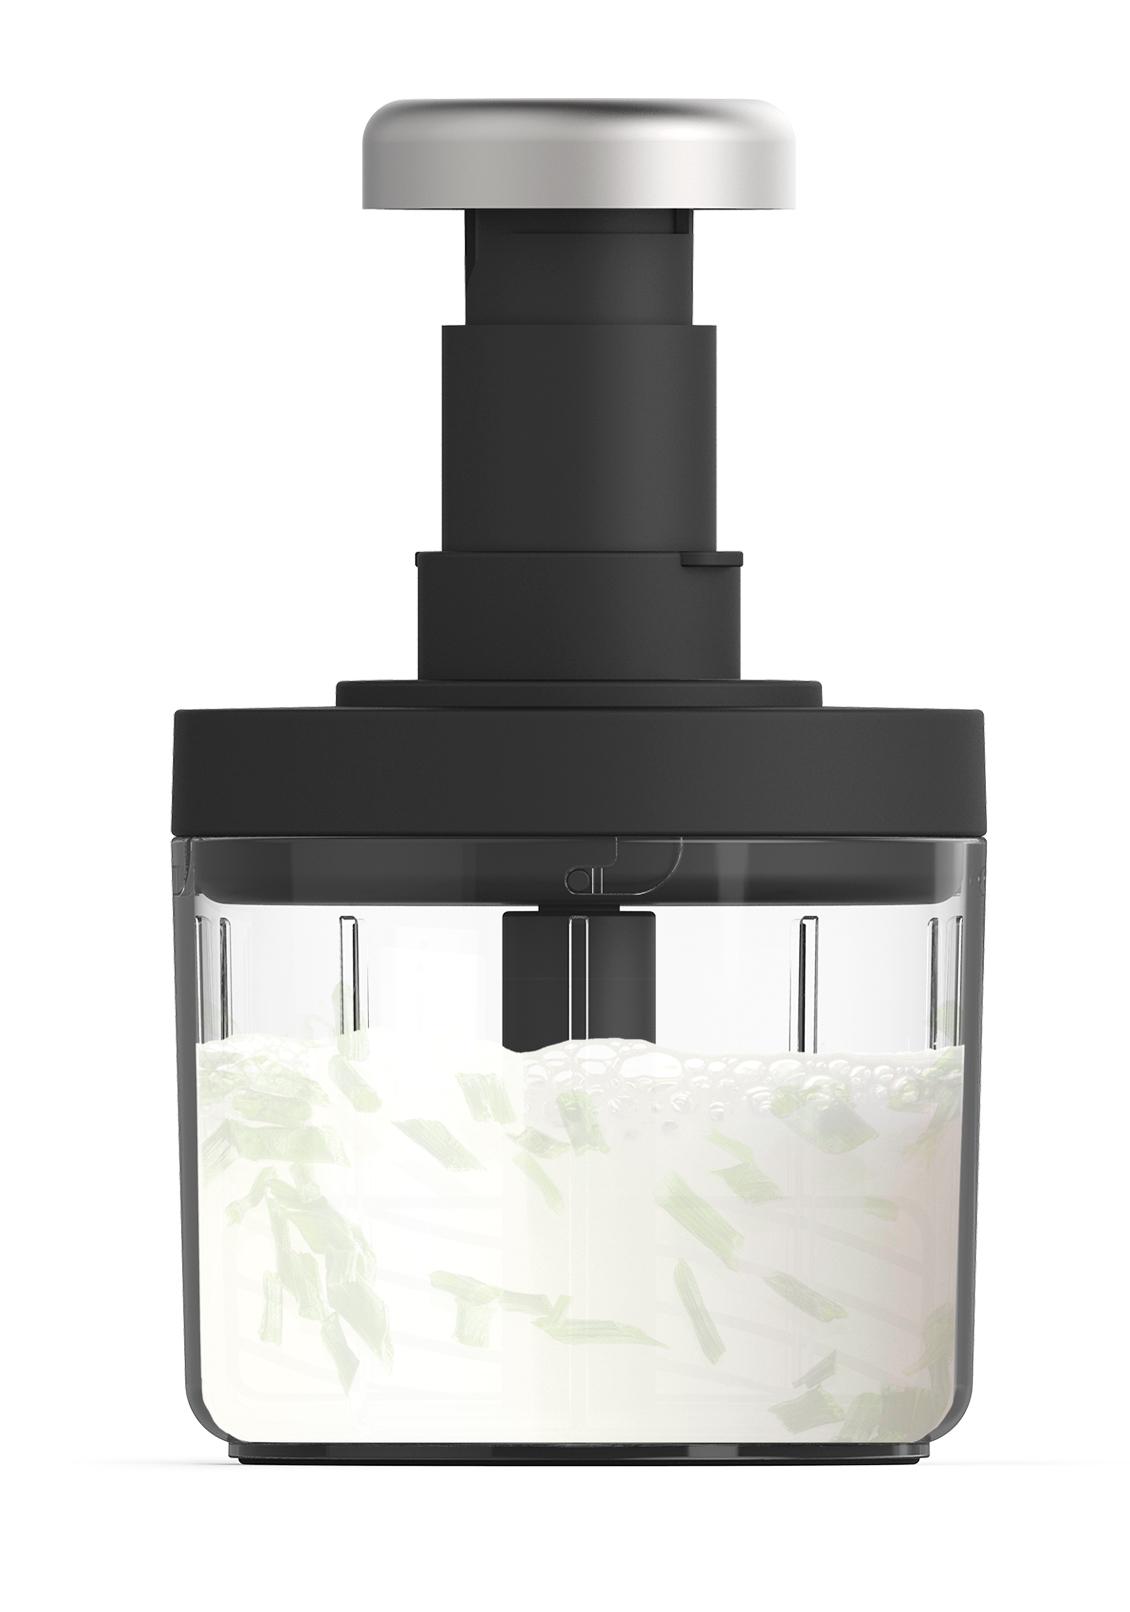 INSert ÉMulsionneur - Changez d'insert et obtenez un émultionneur à sauce.• Pâle à émulsionner